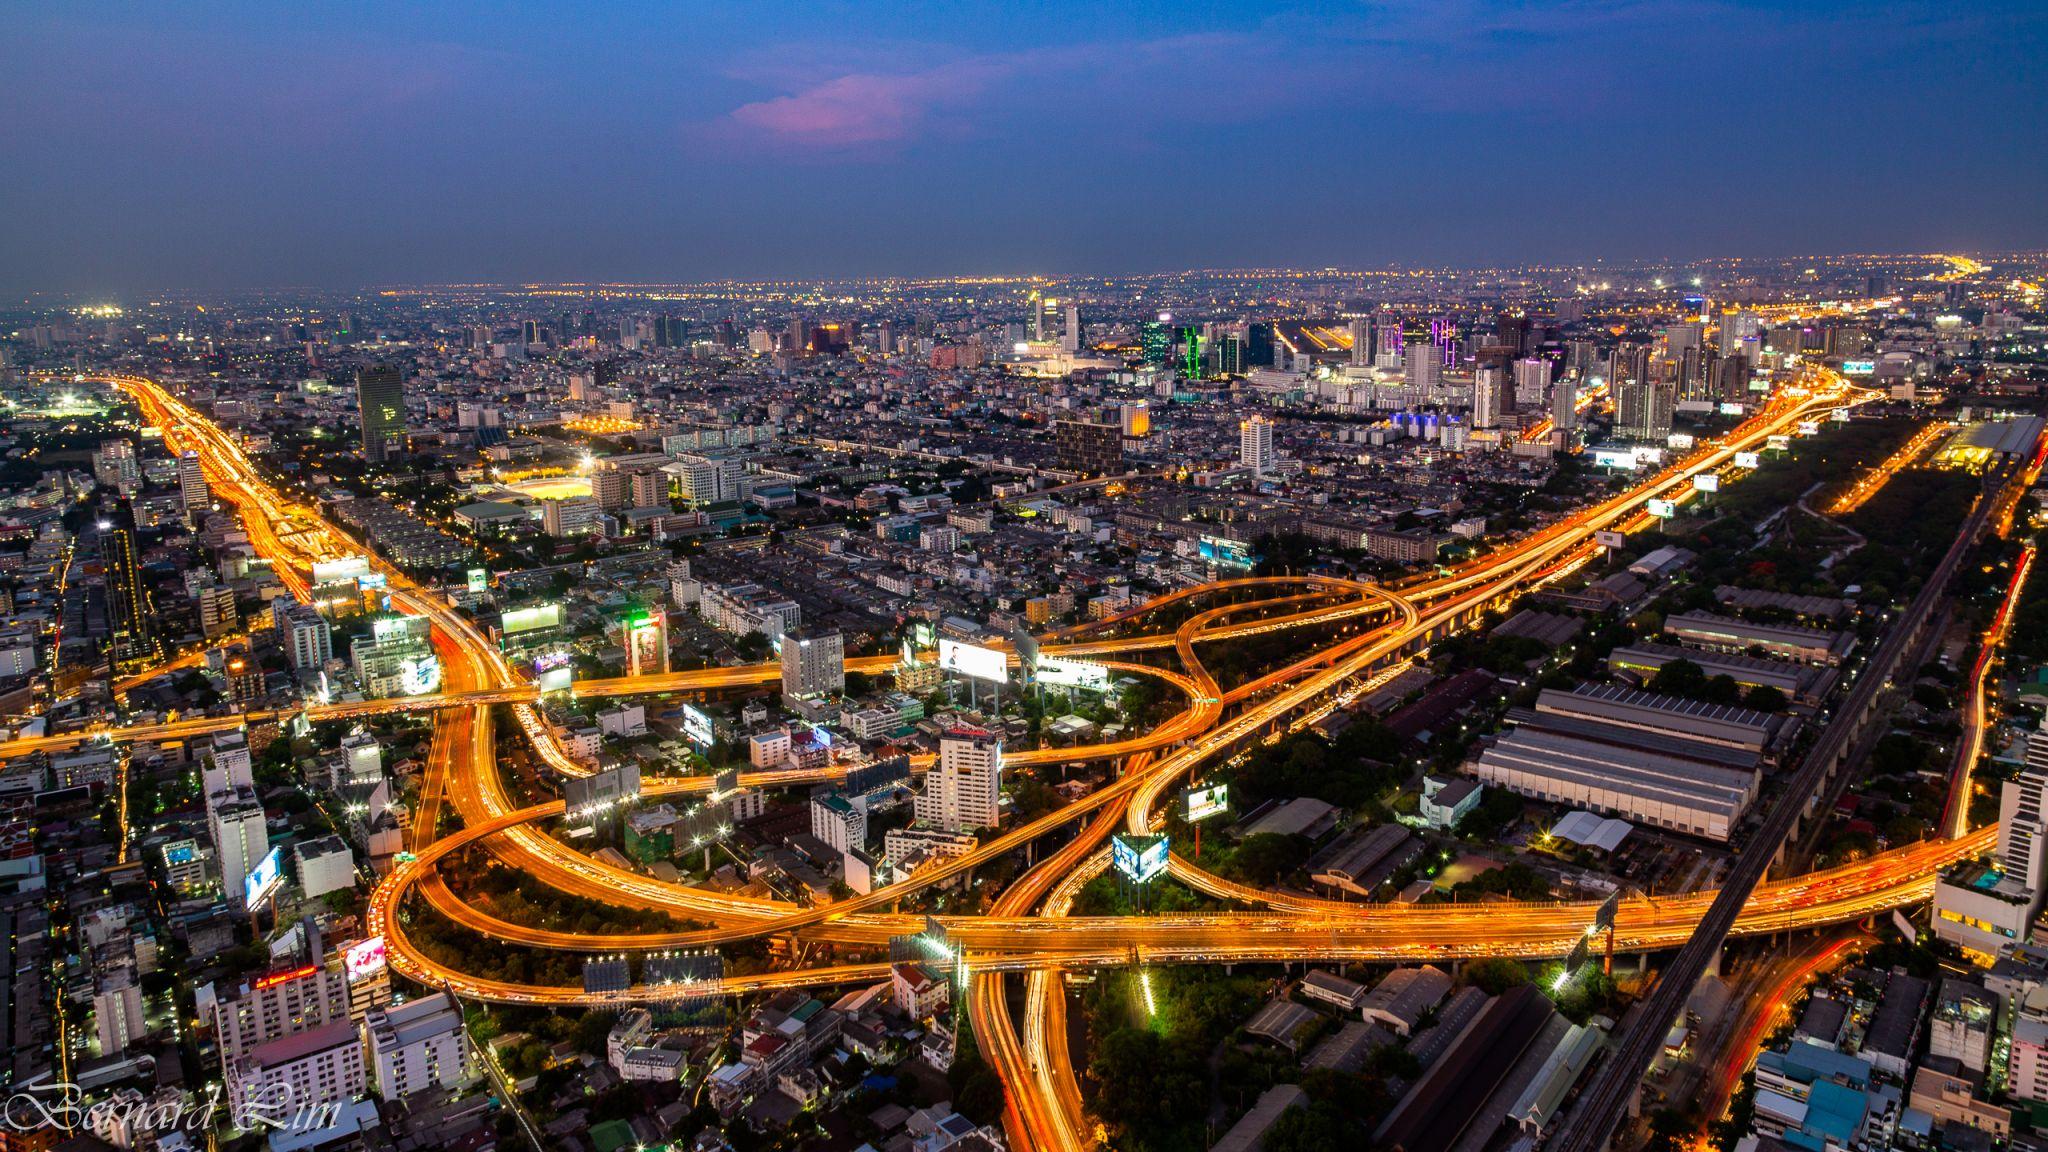 View from Sky Baiyoke Tower Bangkok, Thailand